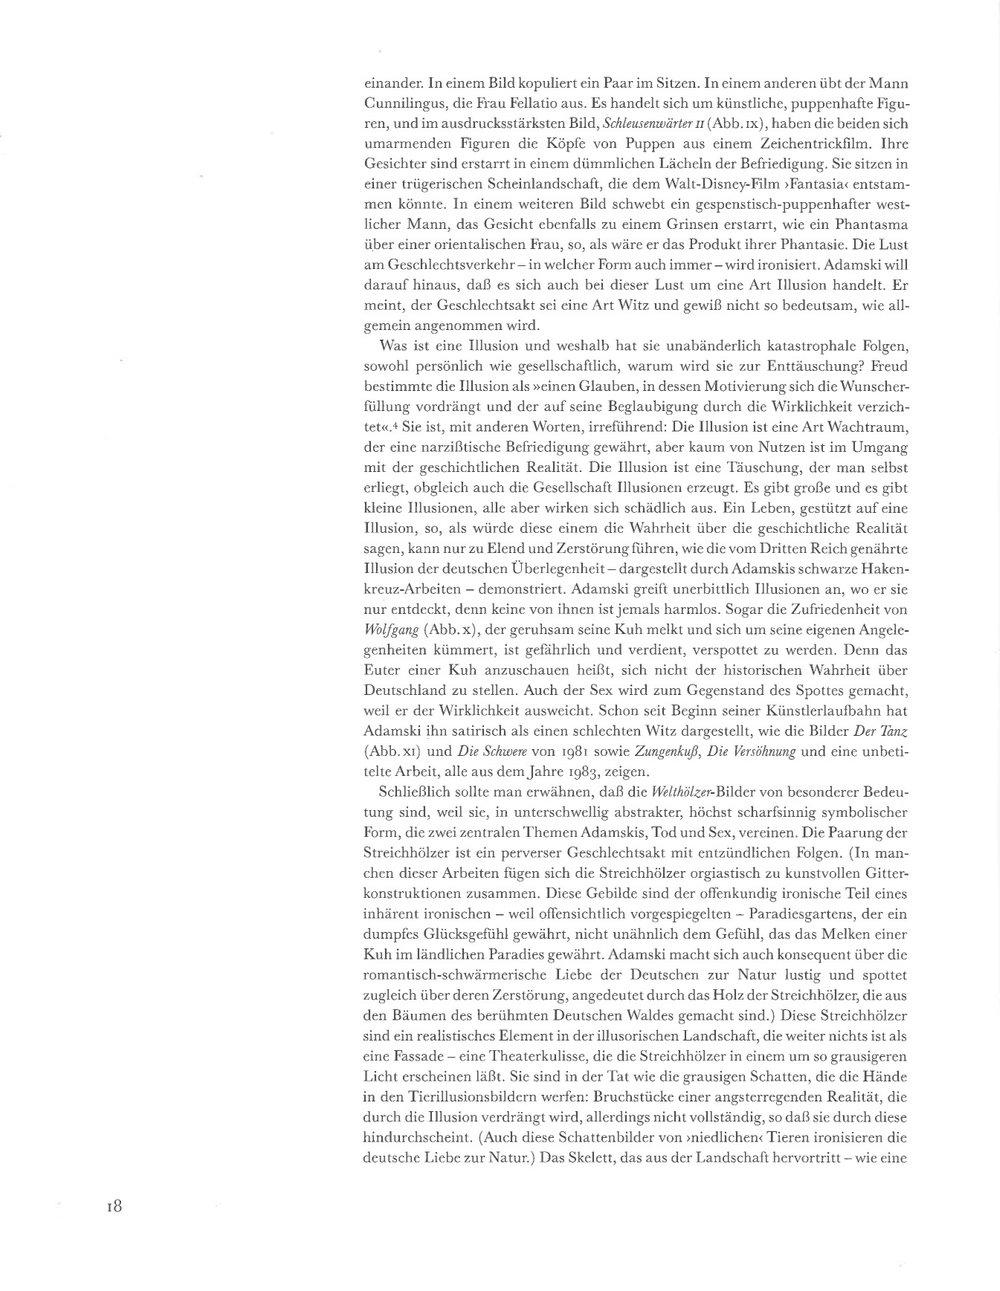 Seite 18.jpg